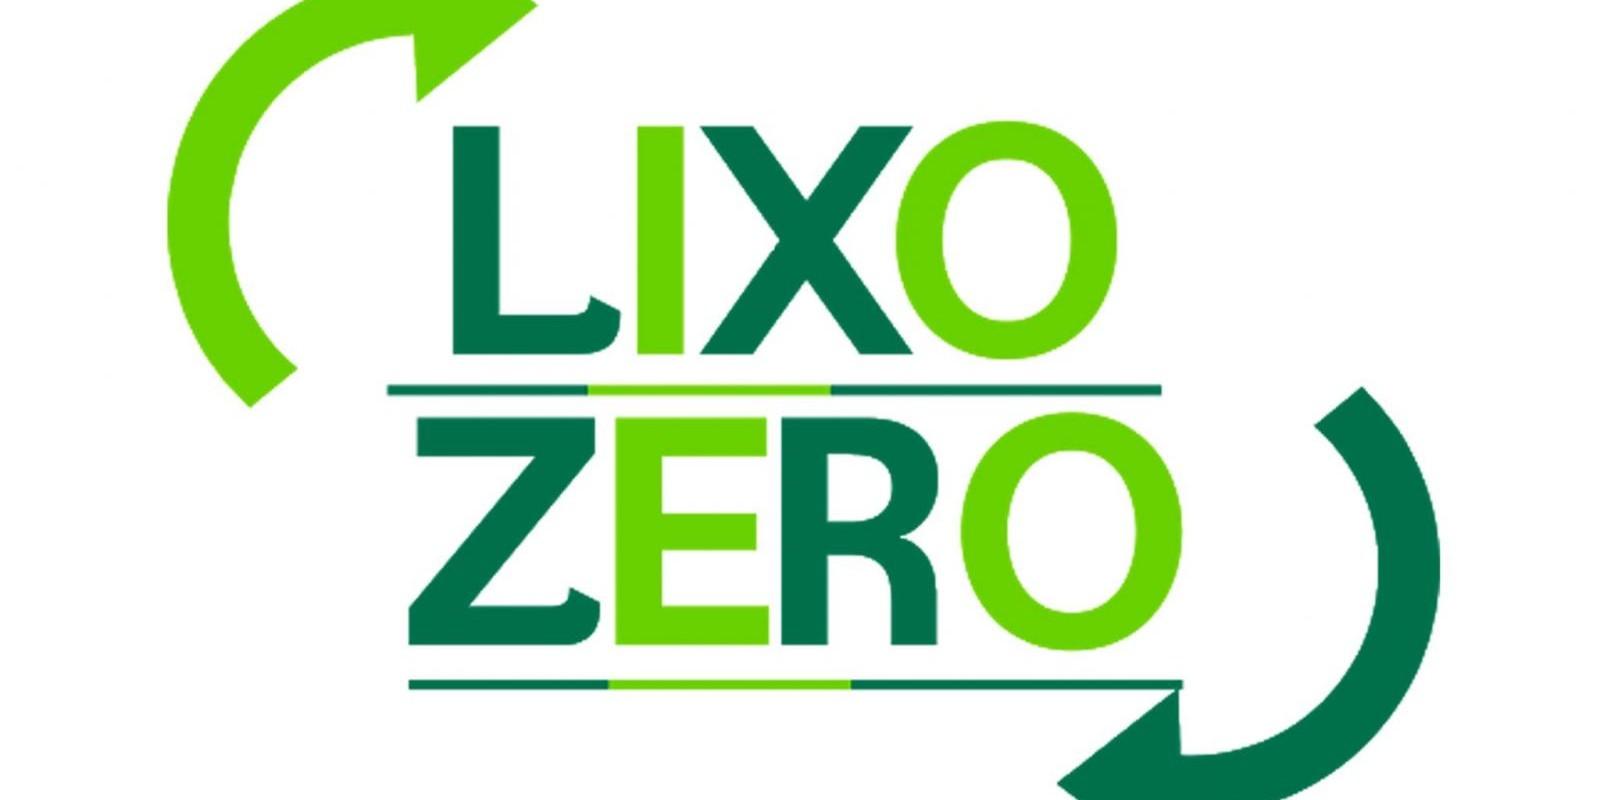 Coleta Seletiva E Cidade Lixo Zero - Momento Ambiental